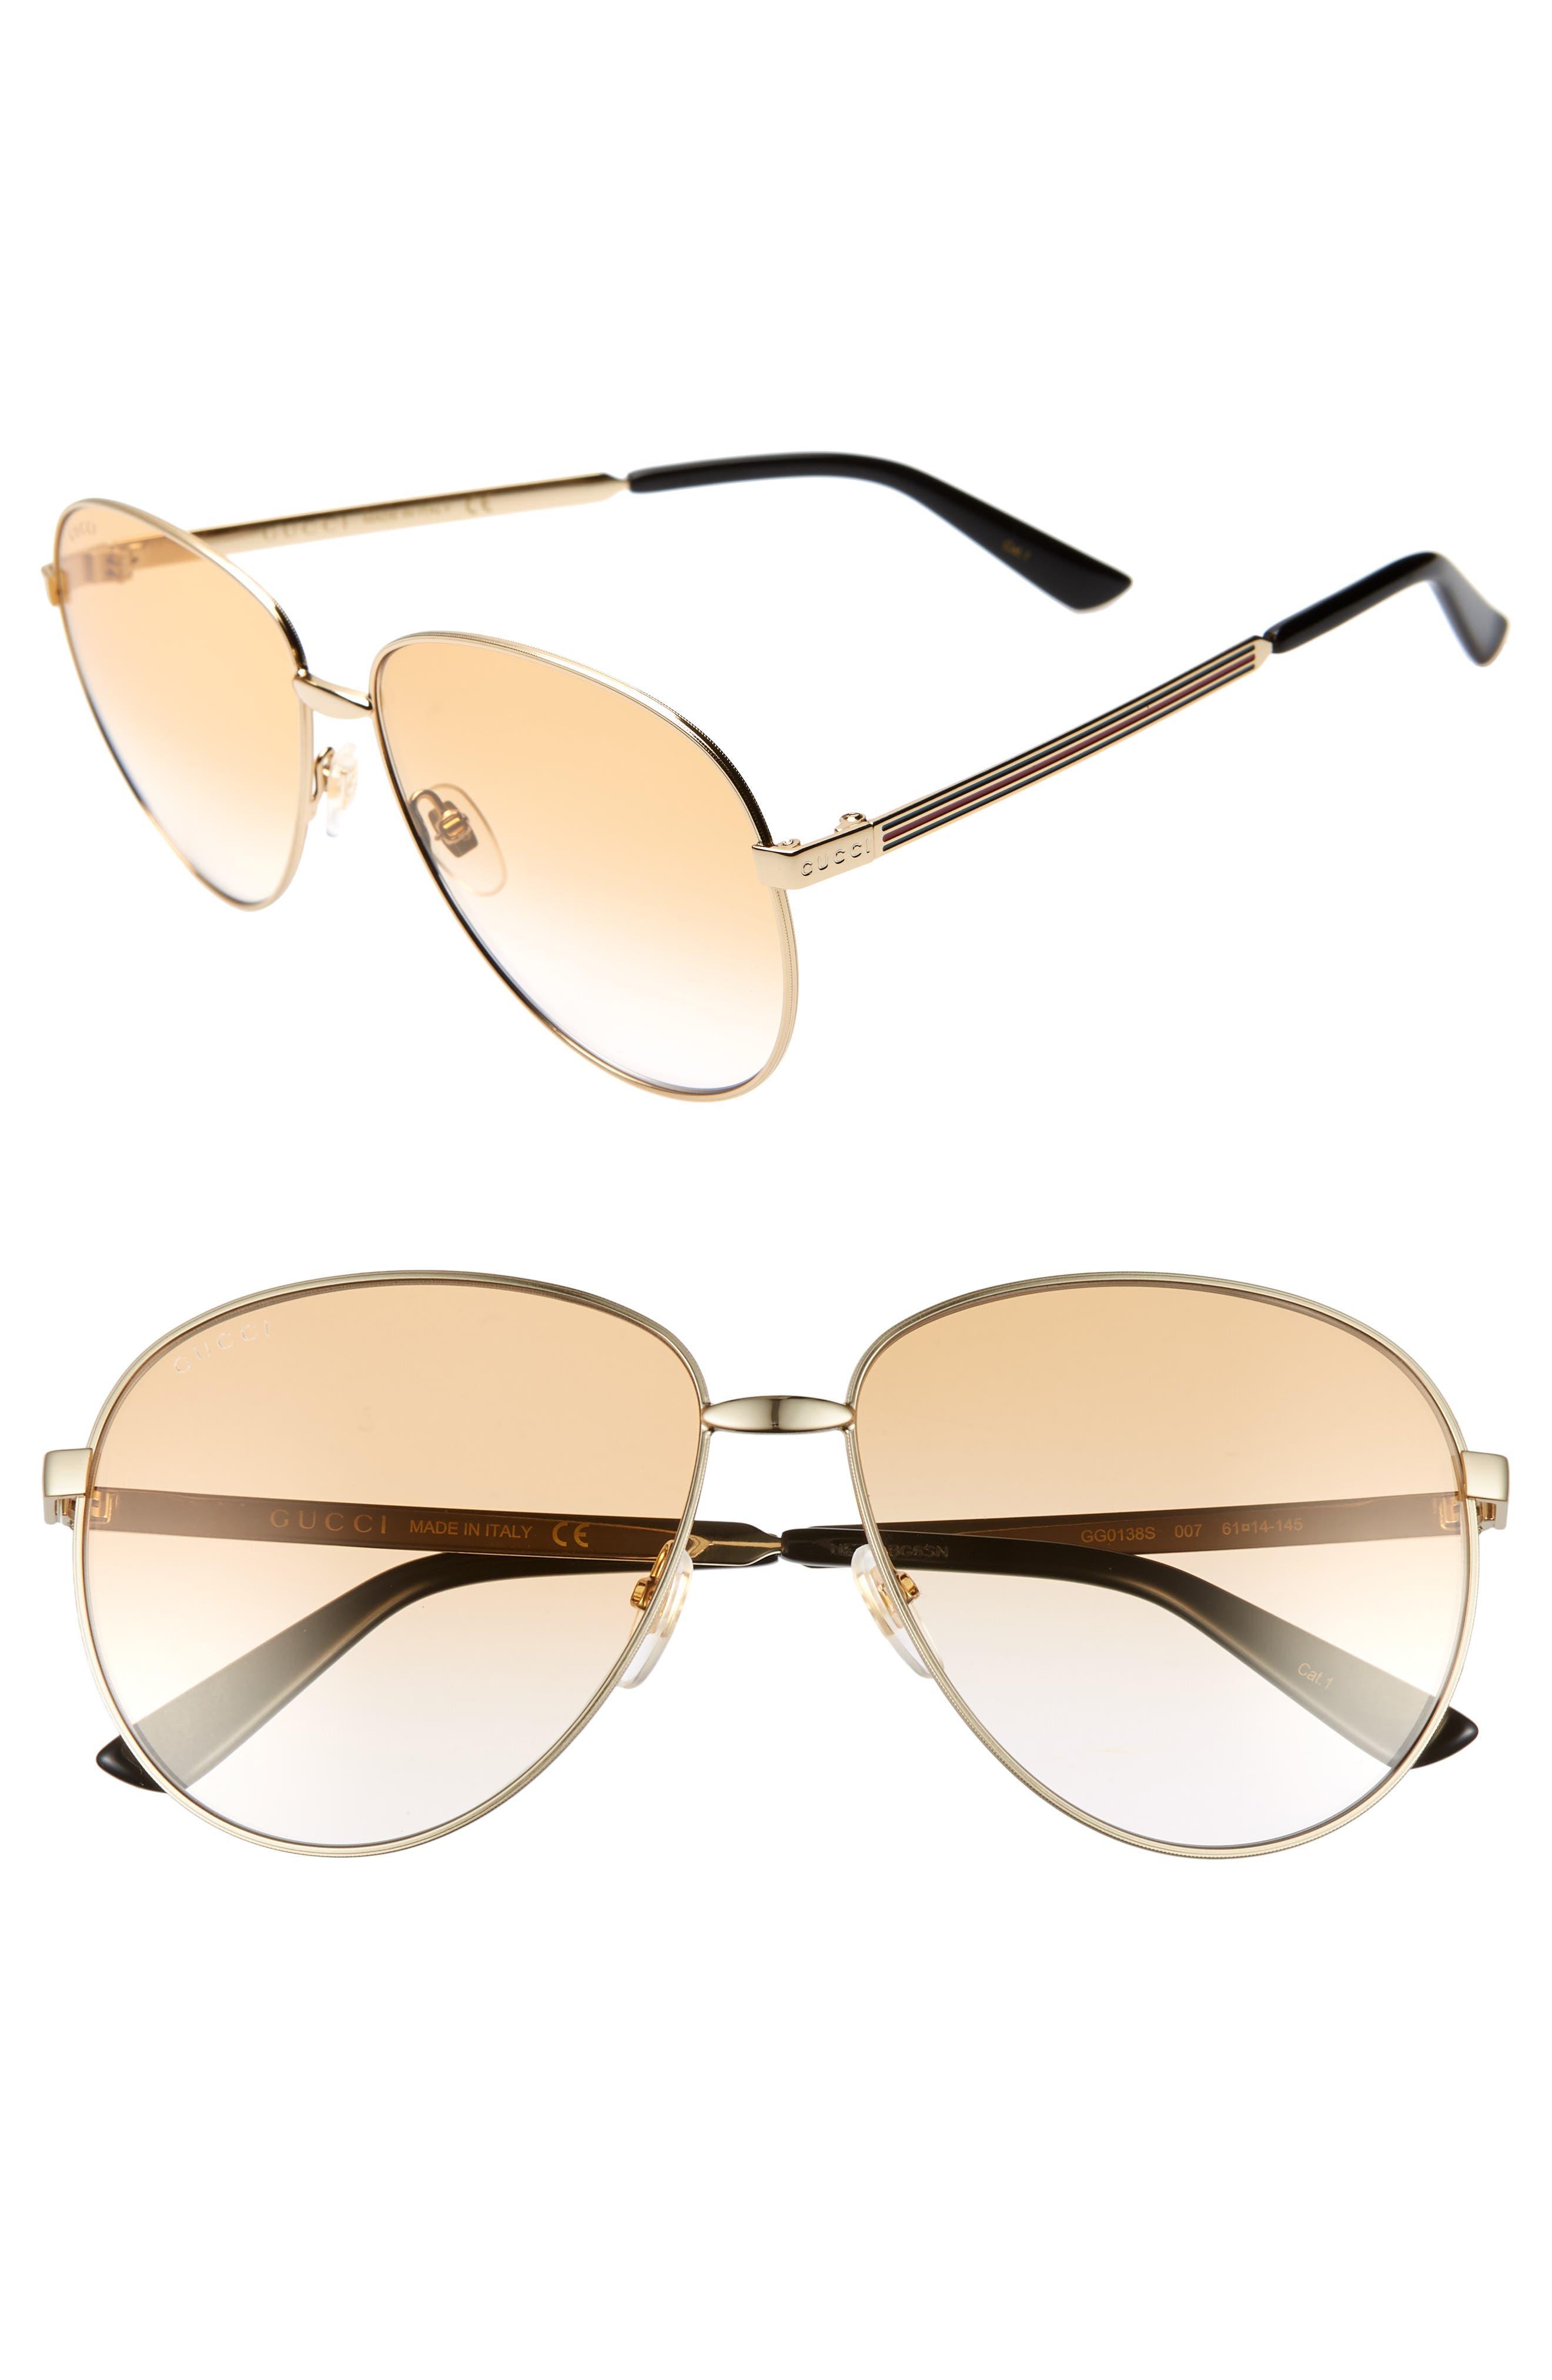 61mm Metal Aviator Sunglasses, Main, color, GOLD/ BROWN GRADIENT